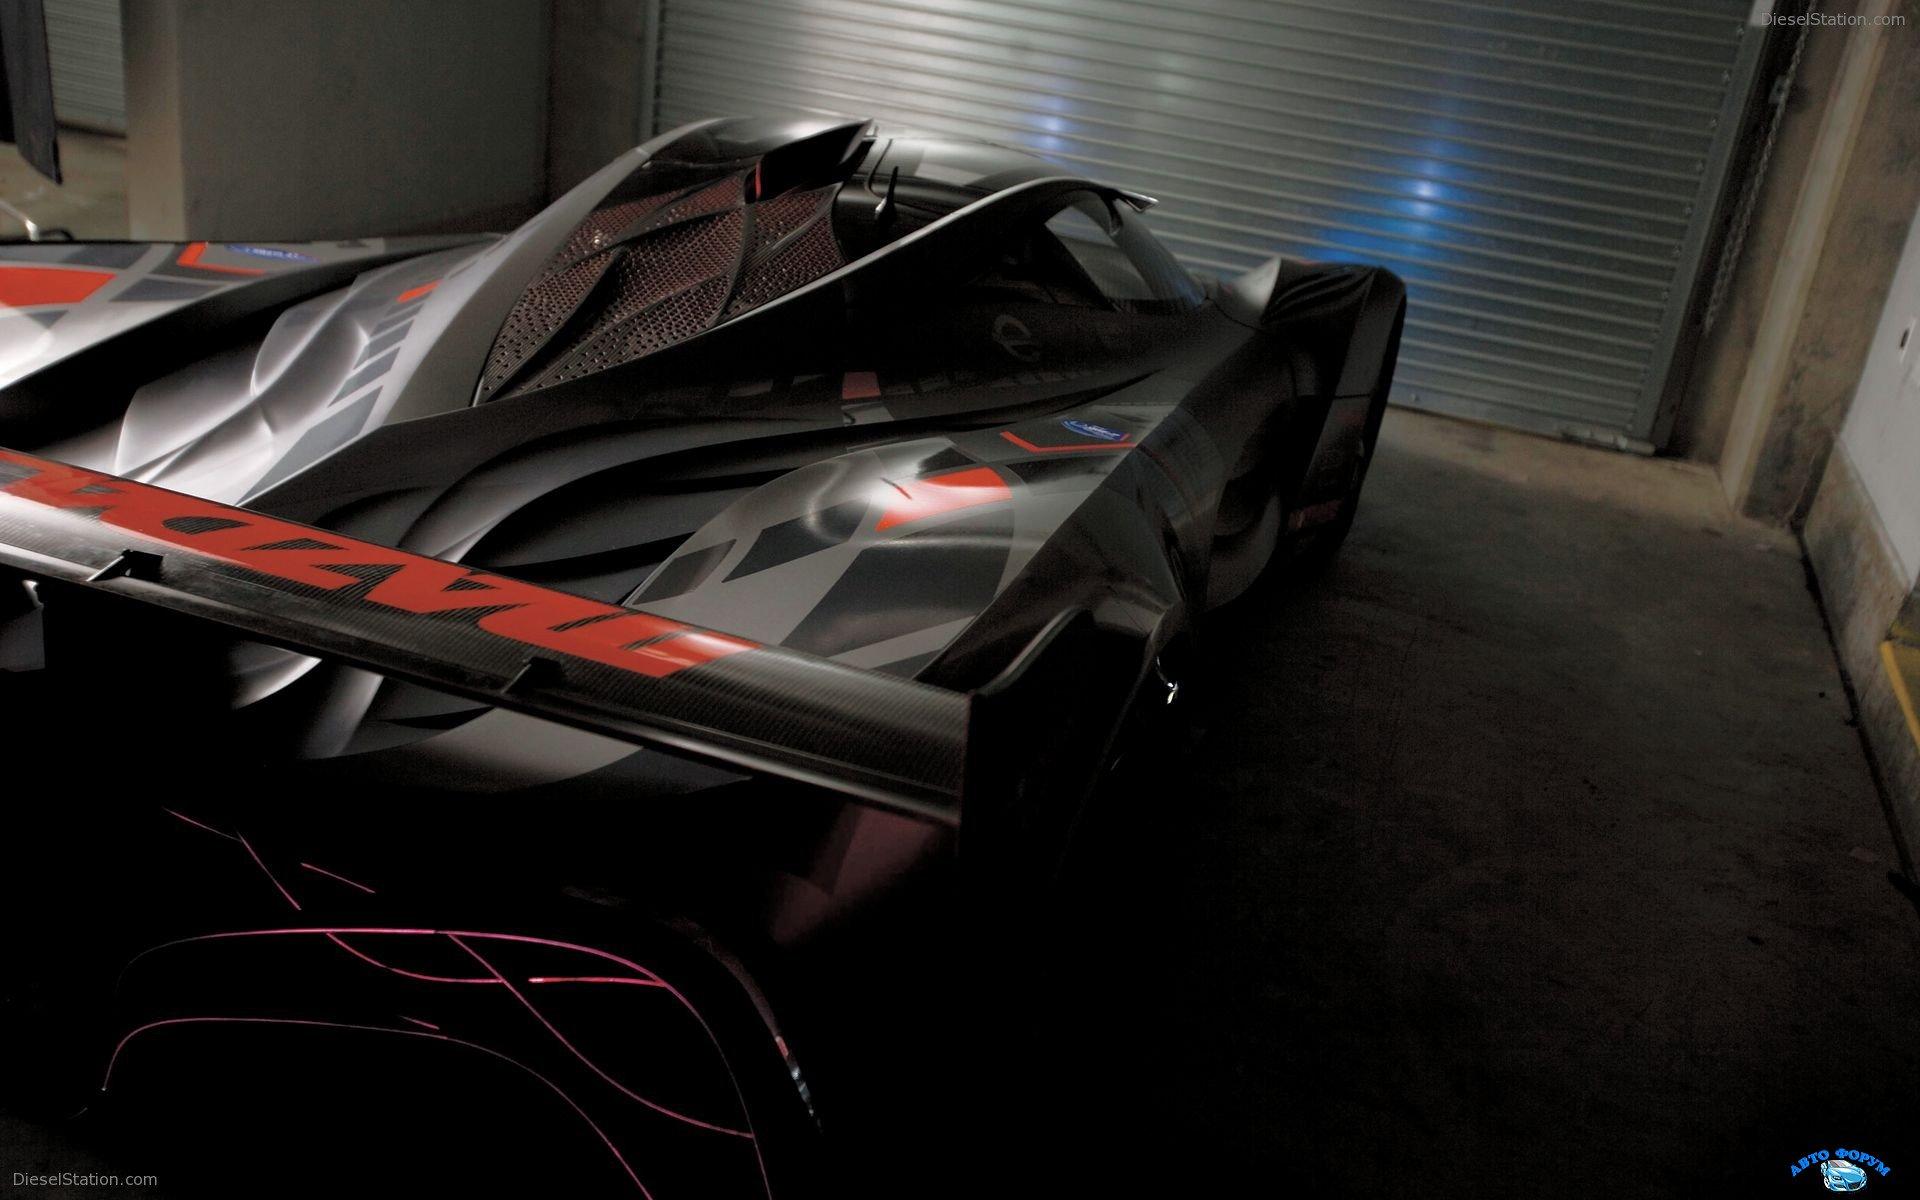 2008-mazda-furai-concept-widescreen-09.jpg